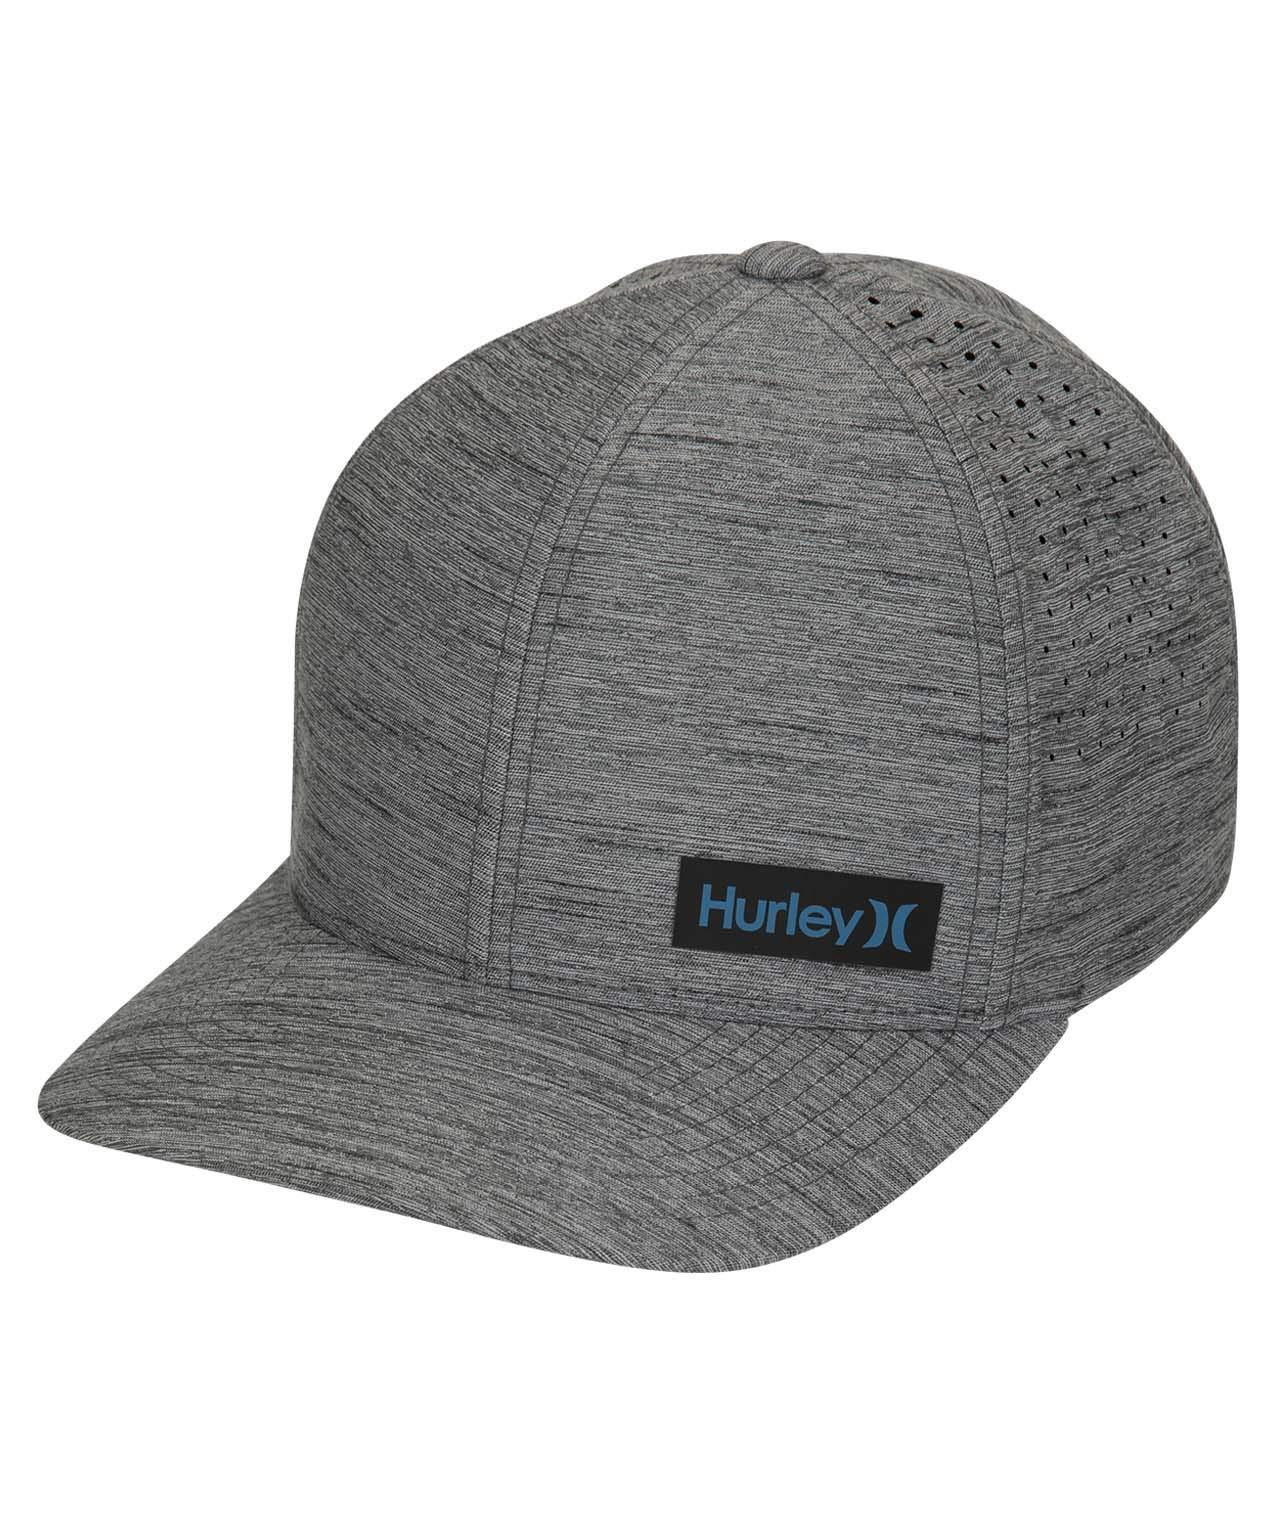 Hurley Dri-Fit Marwick Elite Chapeau-Foncé Gris Fumée-Nouveau